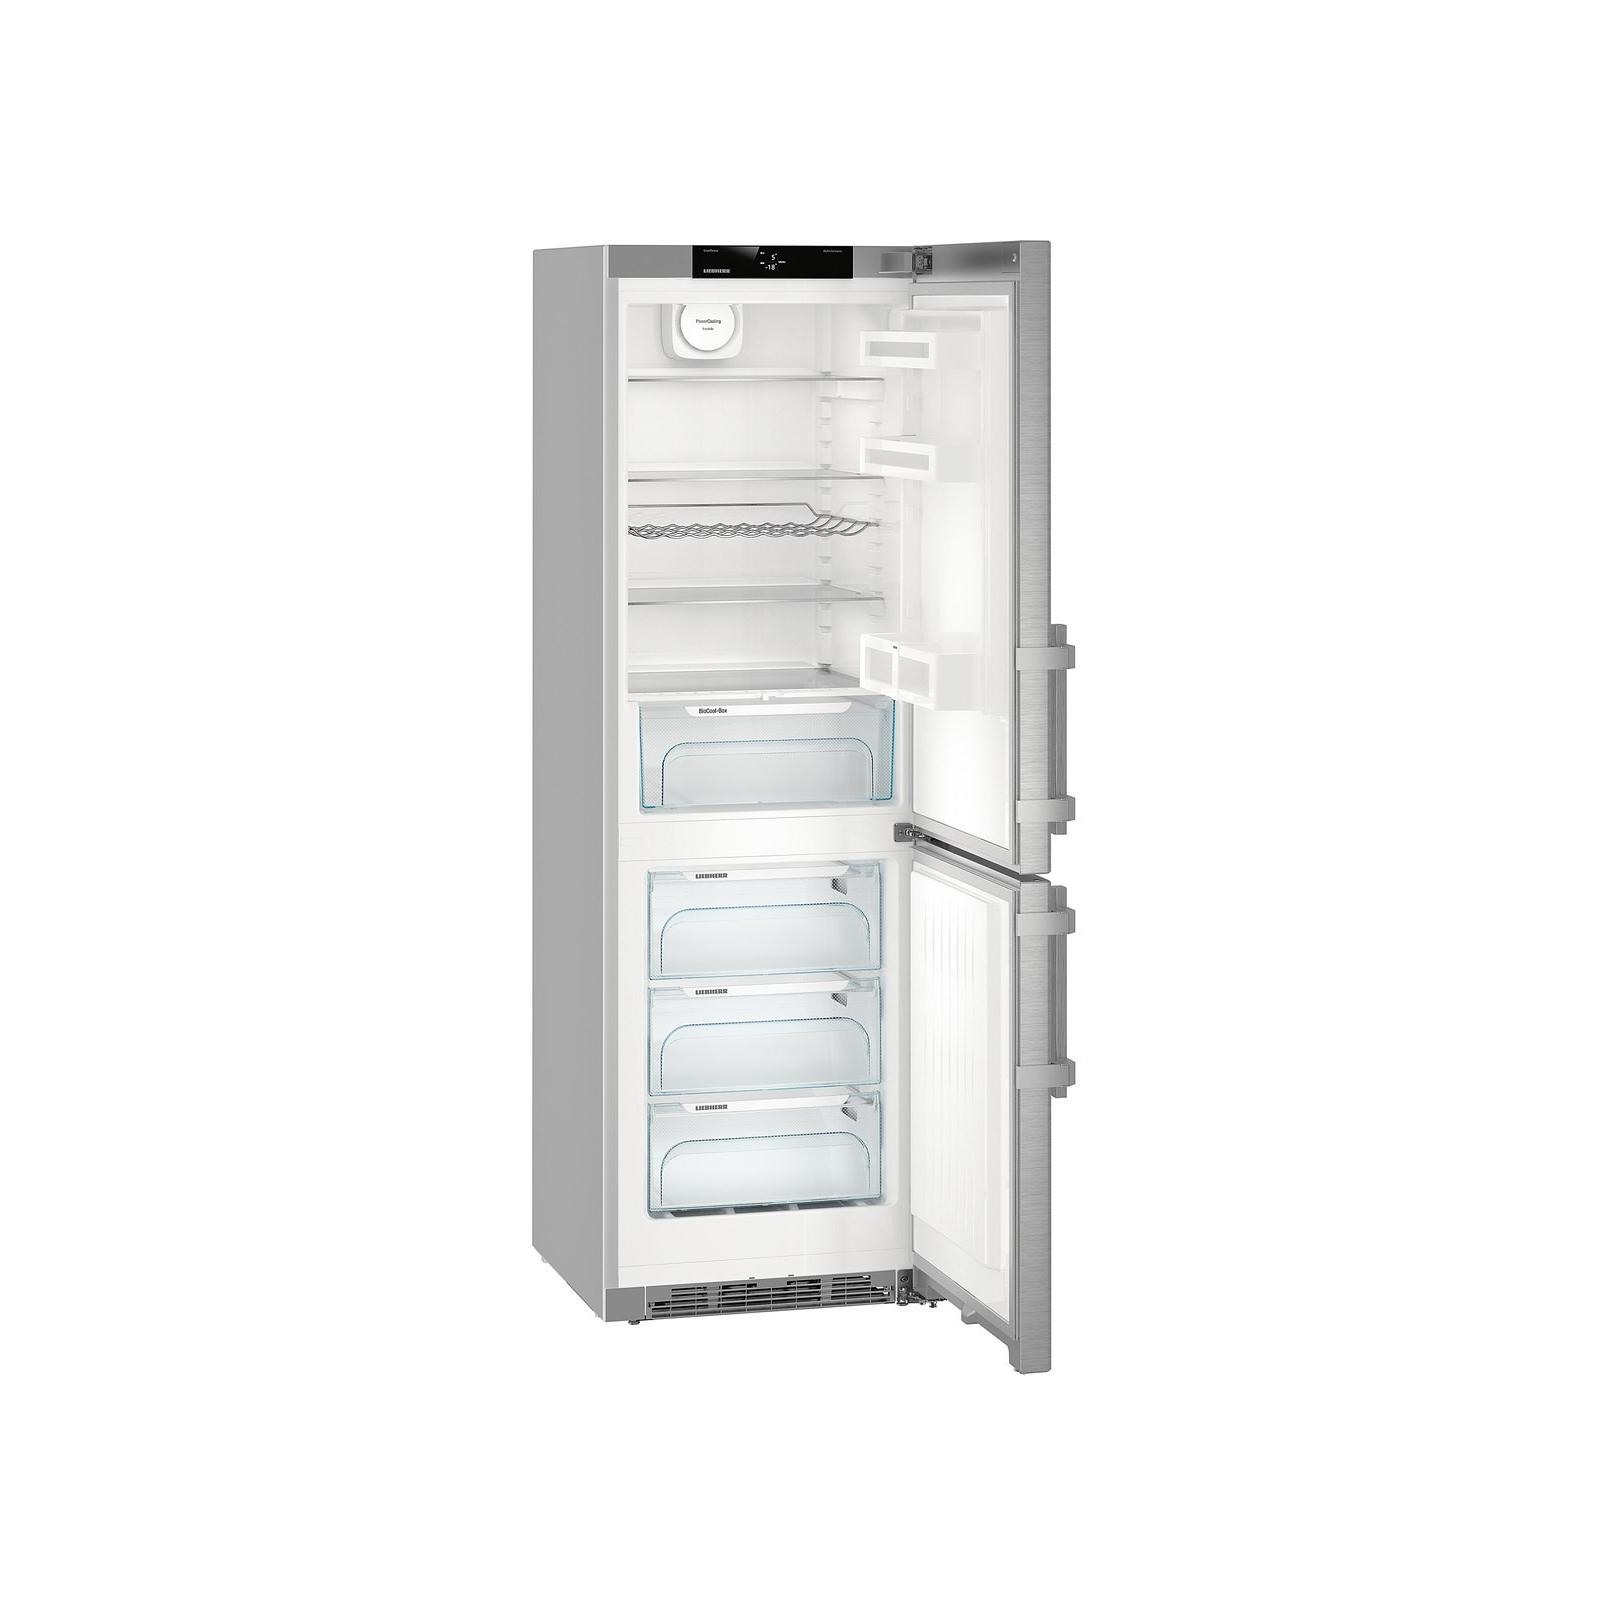 Холодильник Liebherr CPef 4315 изображение 3